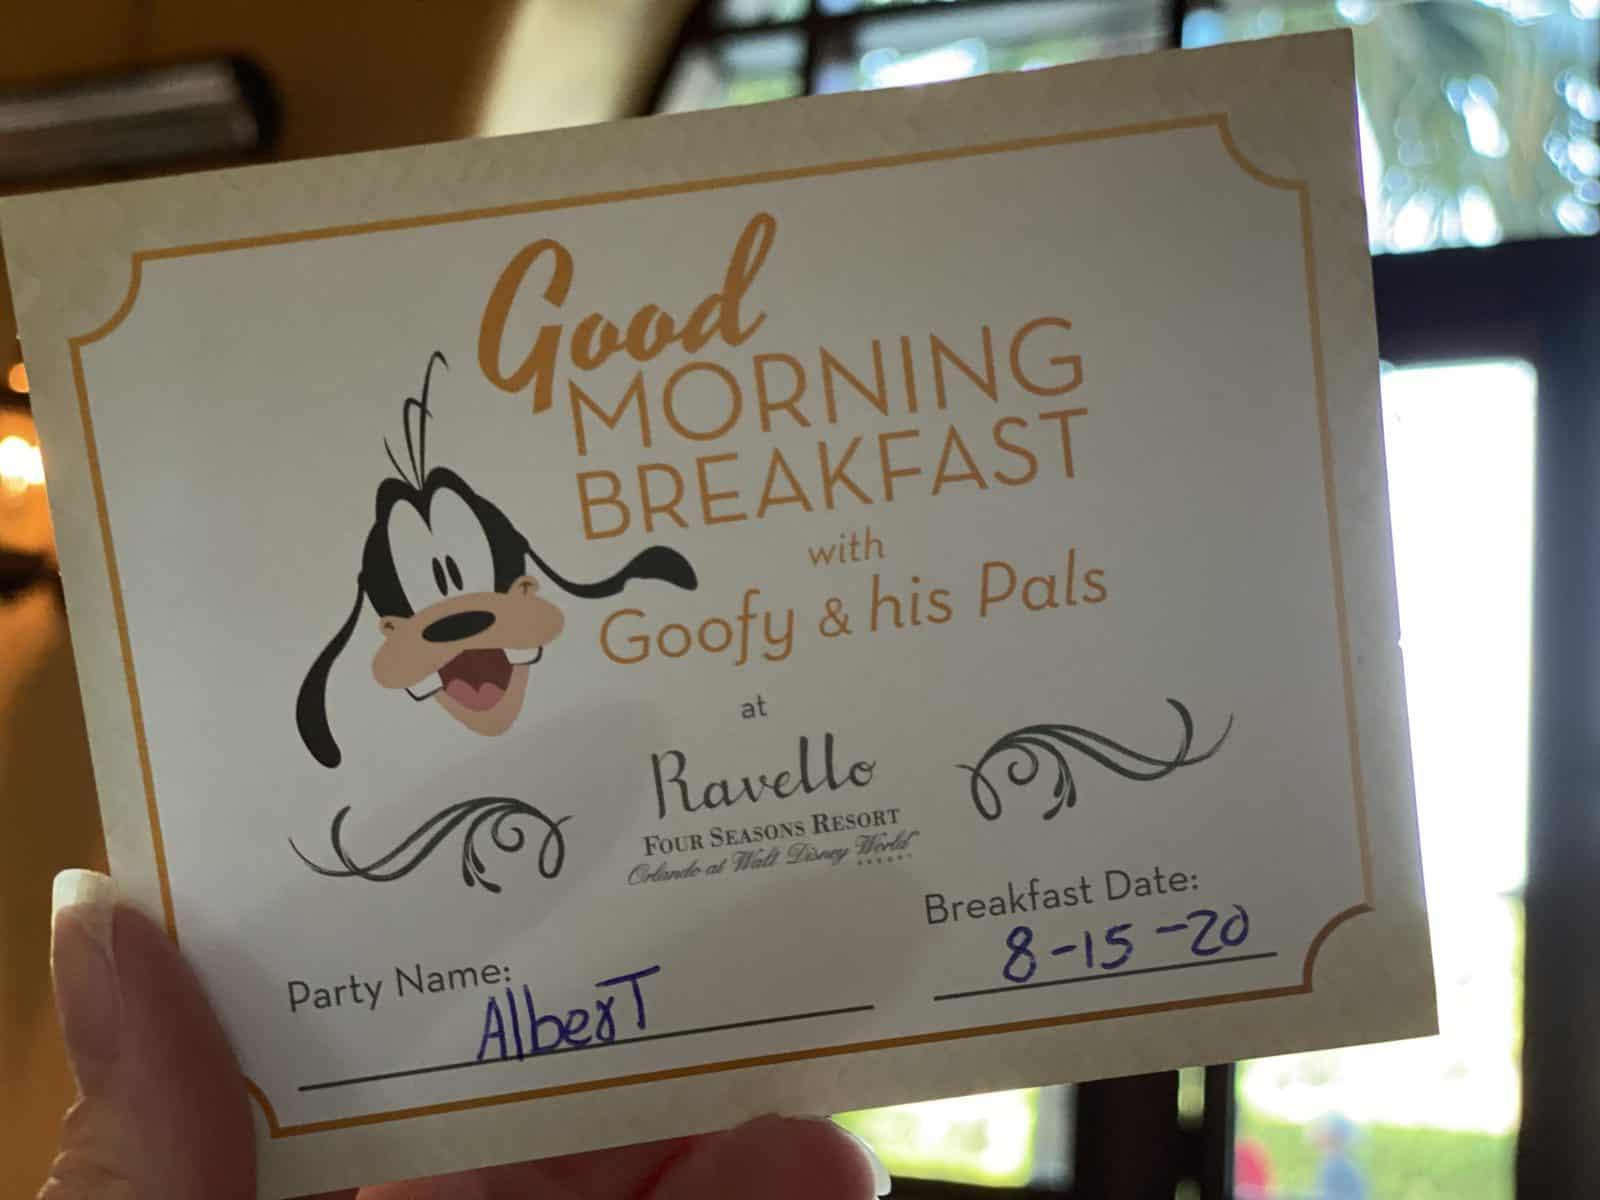 Good morning breakfast card